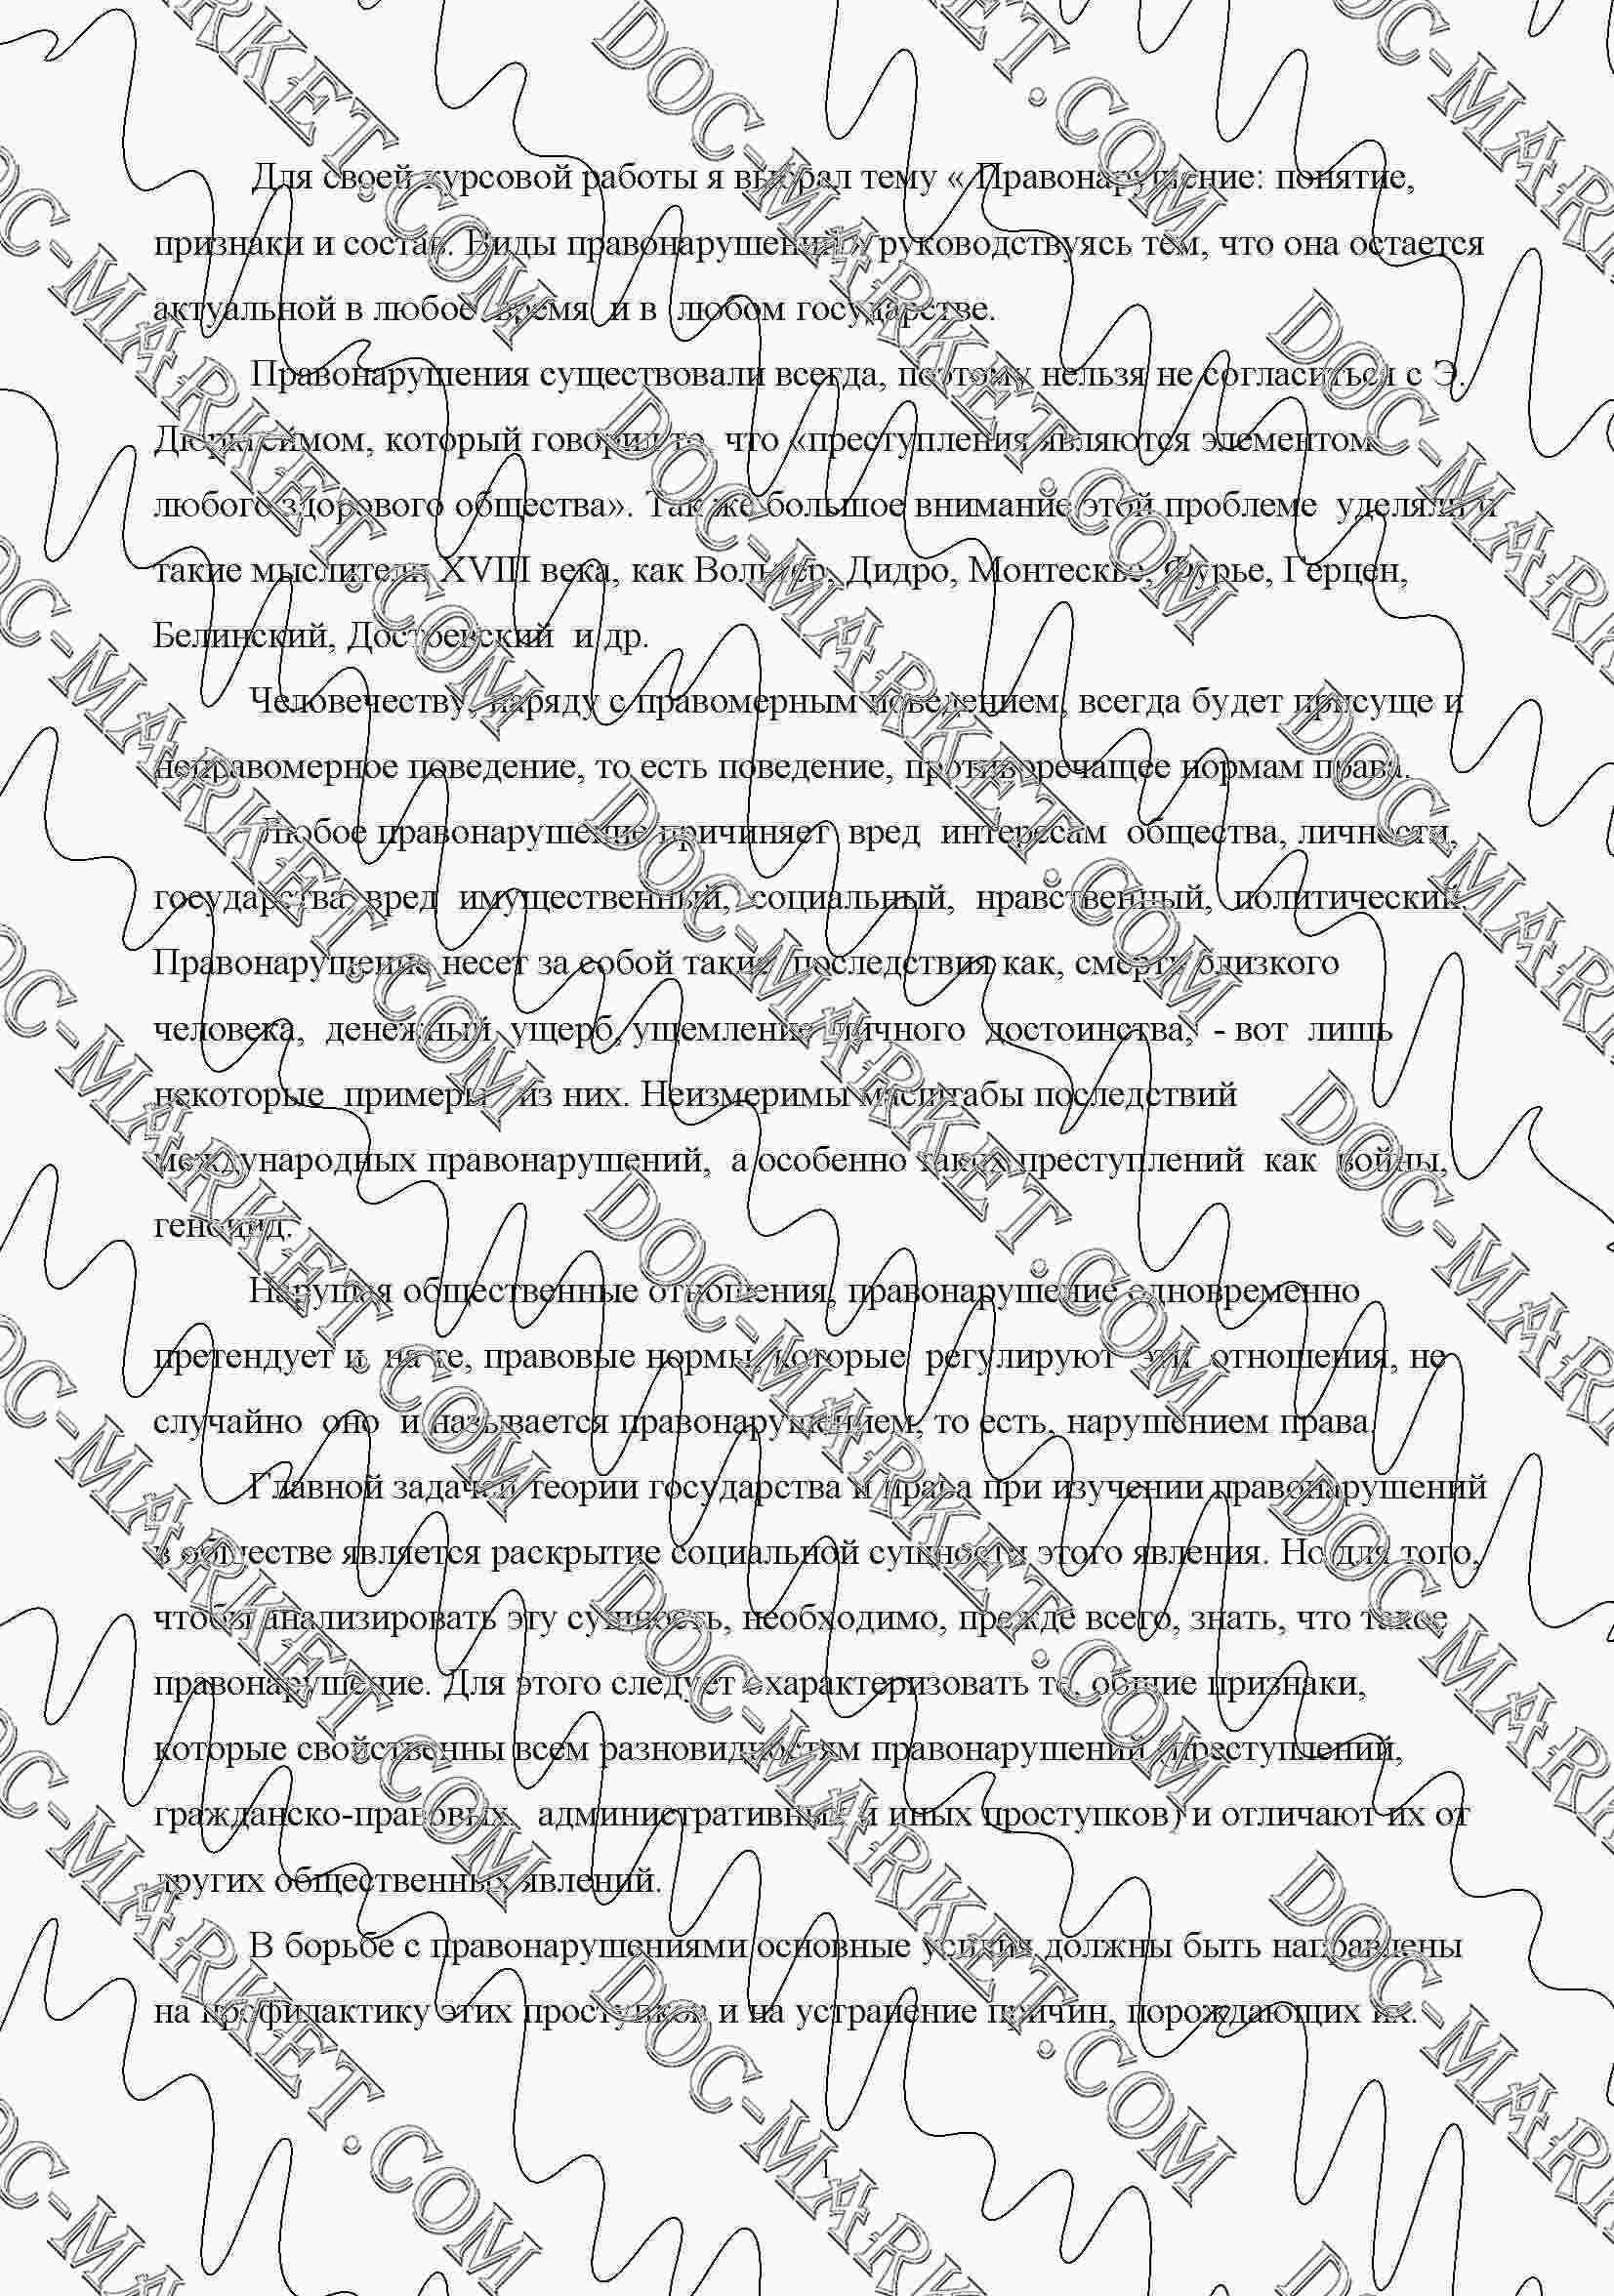 Состав правонарушений: понятие и значение:  состав правонарушения - это совокупность субъективных и объективных